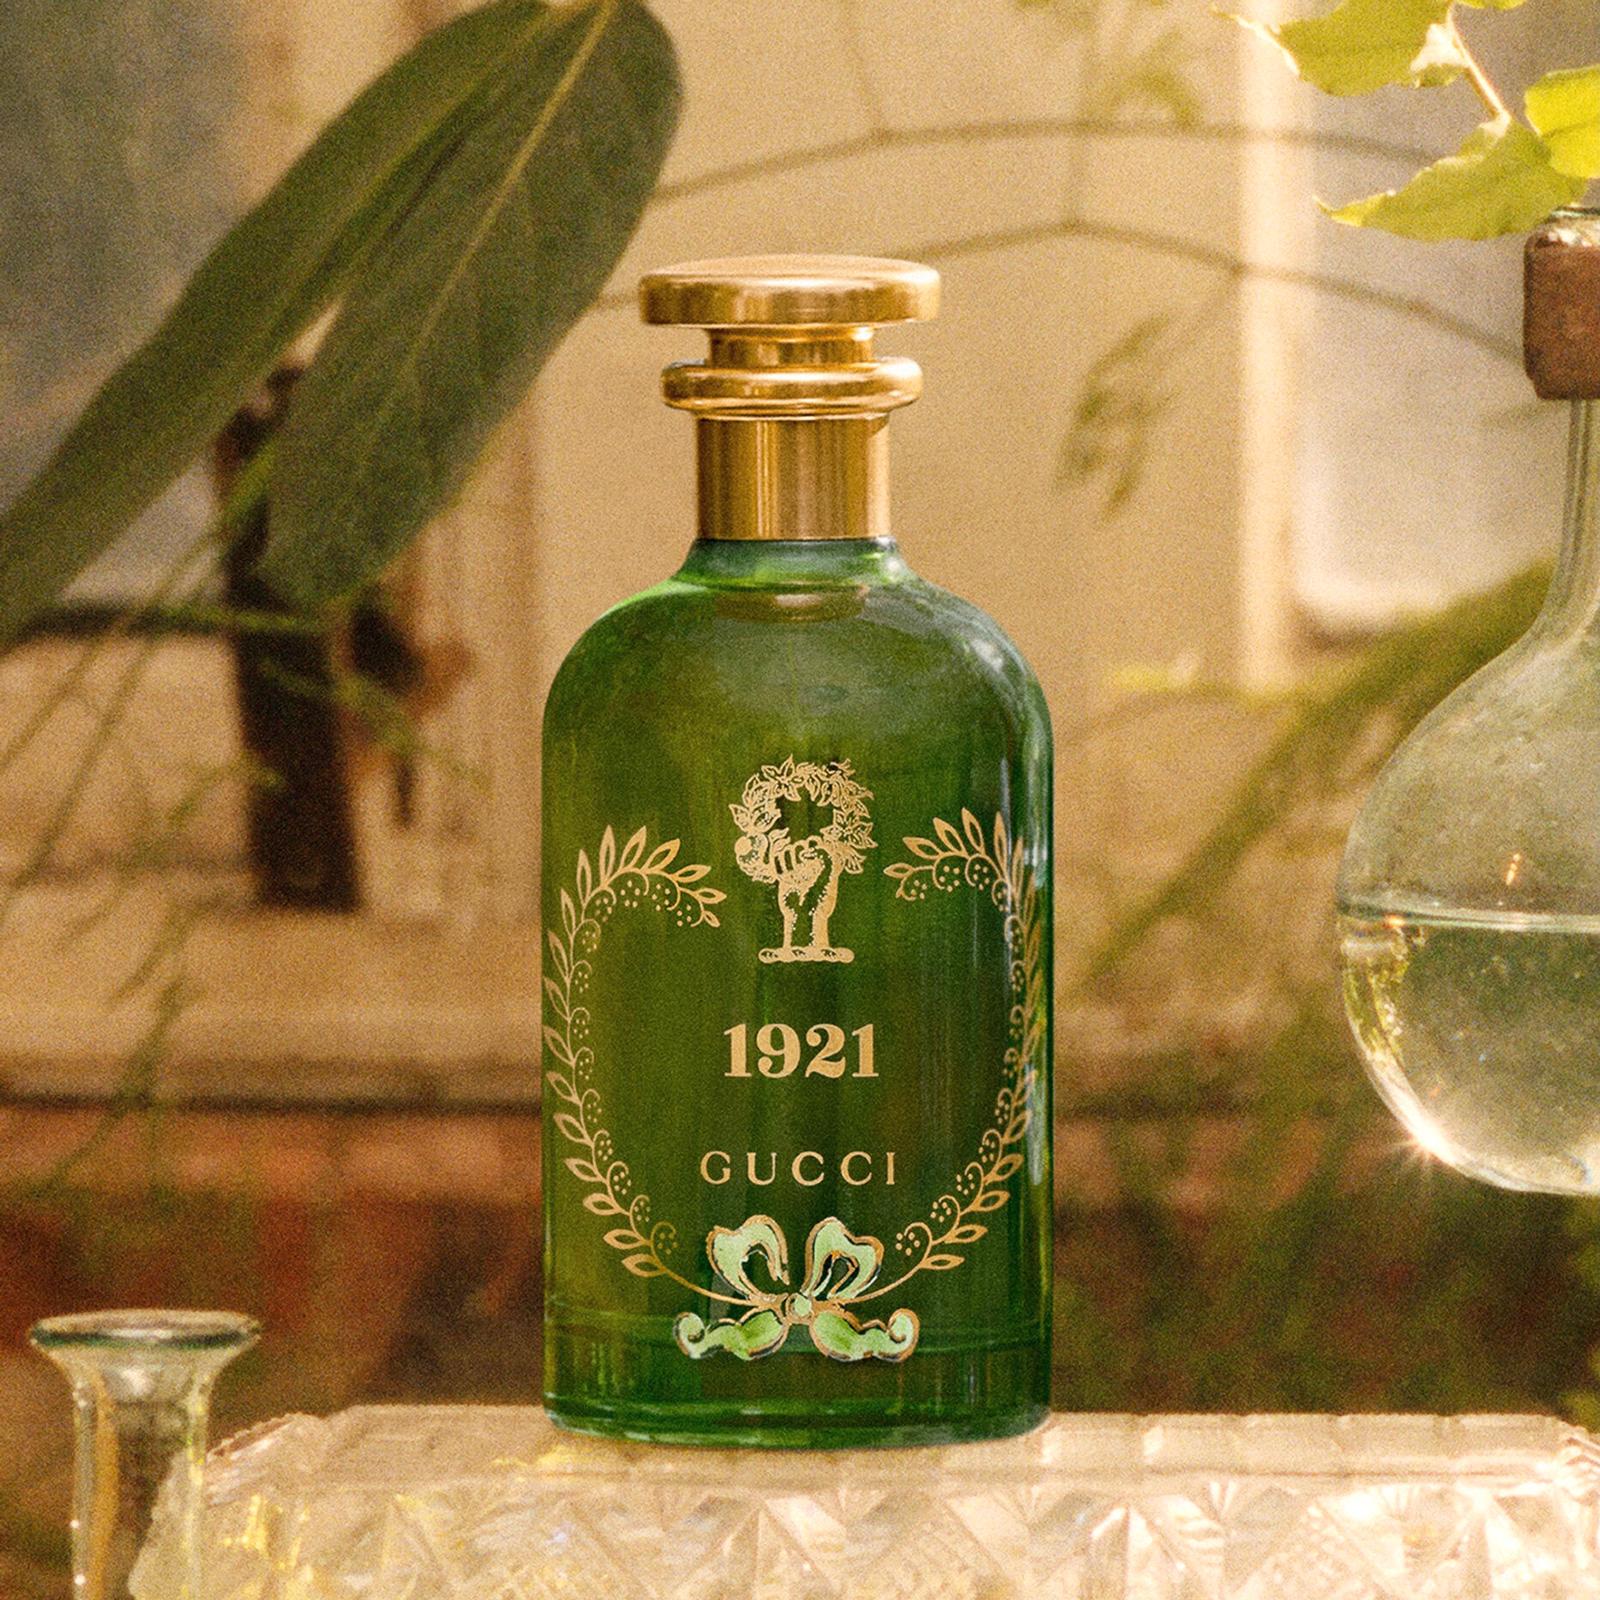 Gucci The Alchemist's Garden 1921